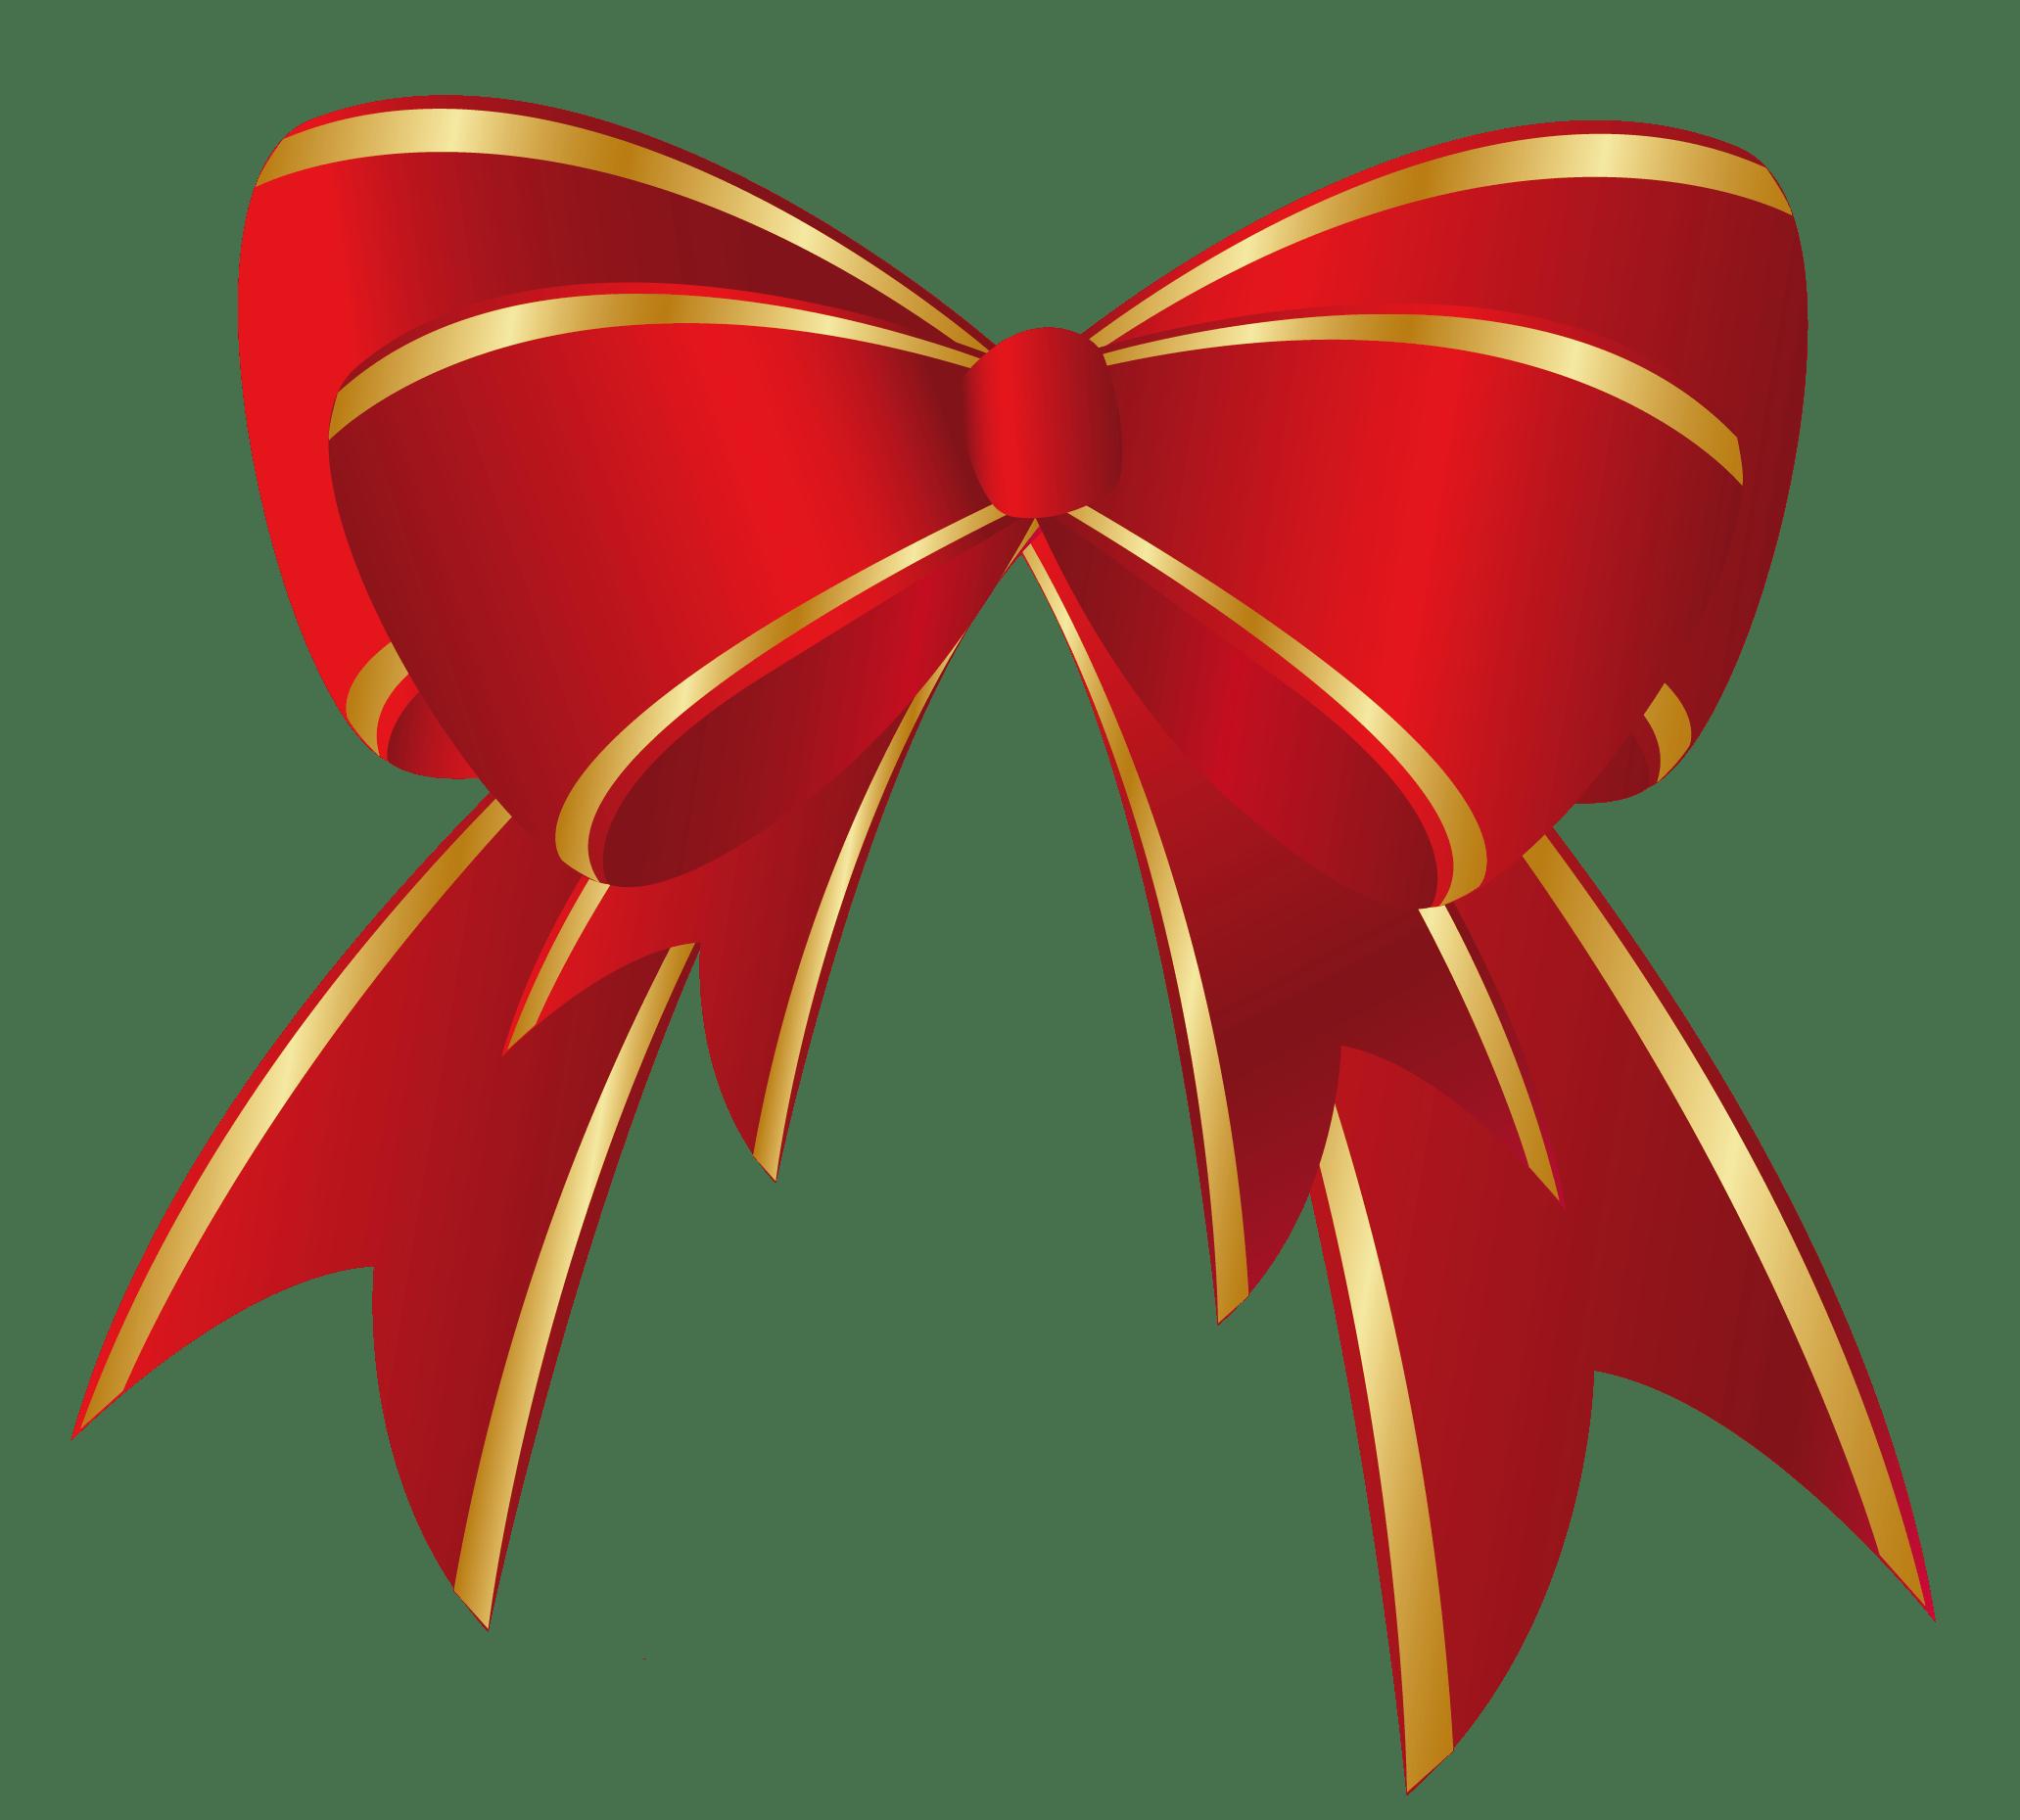 Holly clipart hair bow. Christmas bows clip art